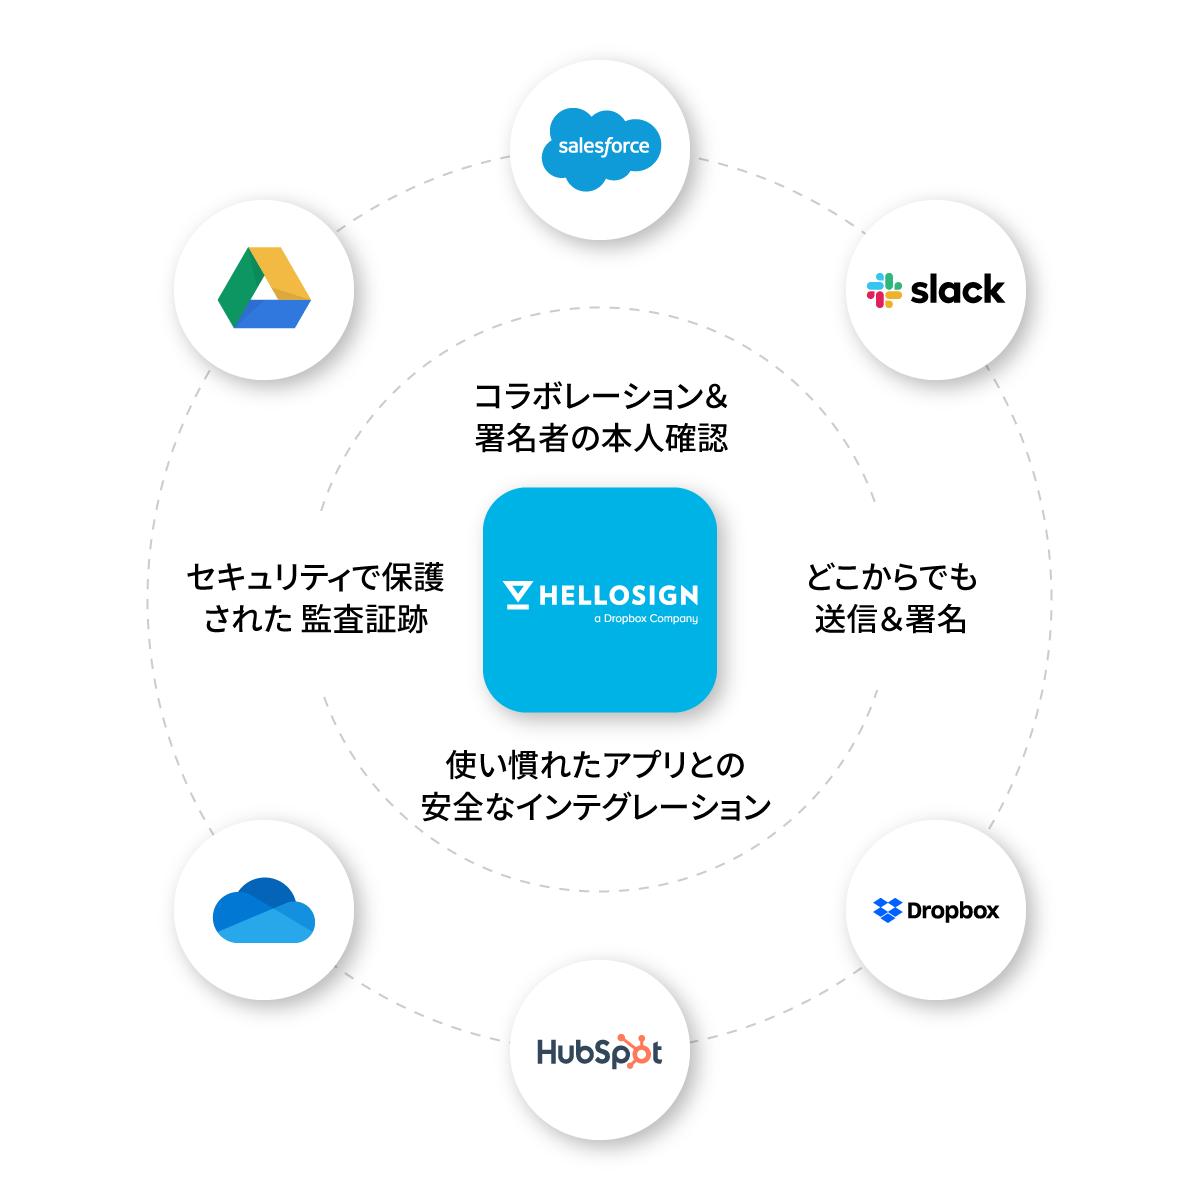 HelloSign はお気に入りのアプリとインテグレーション可能